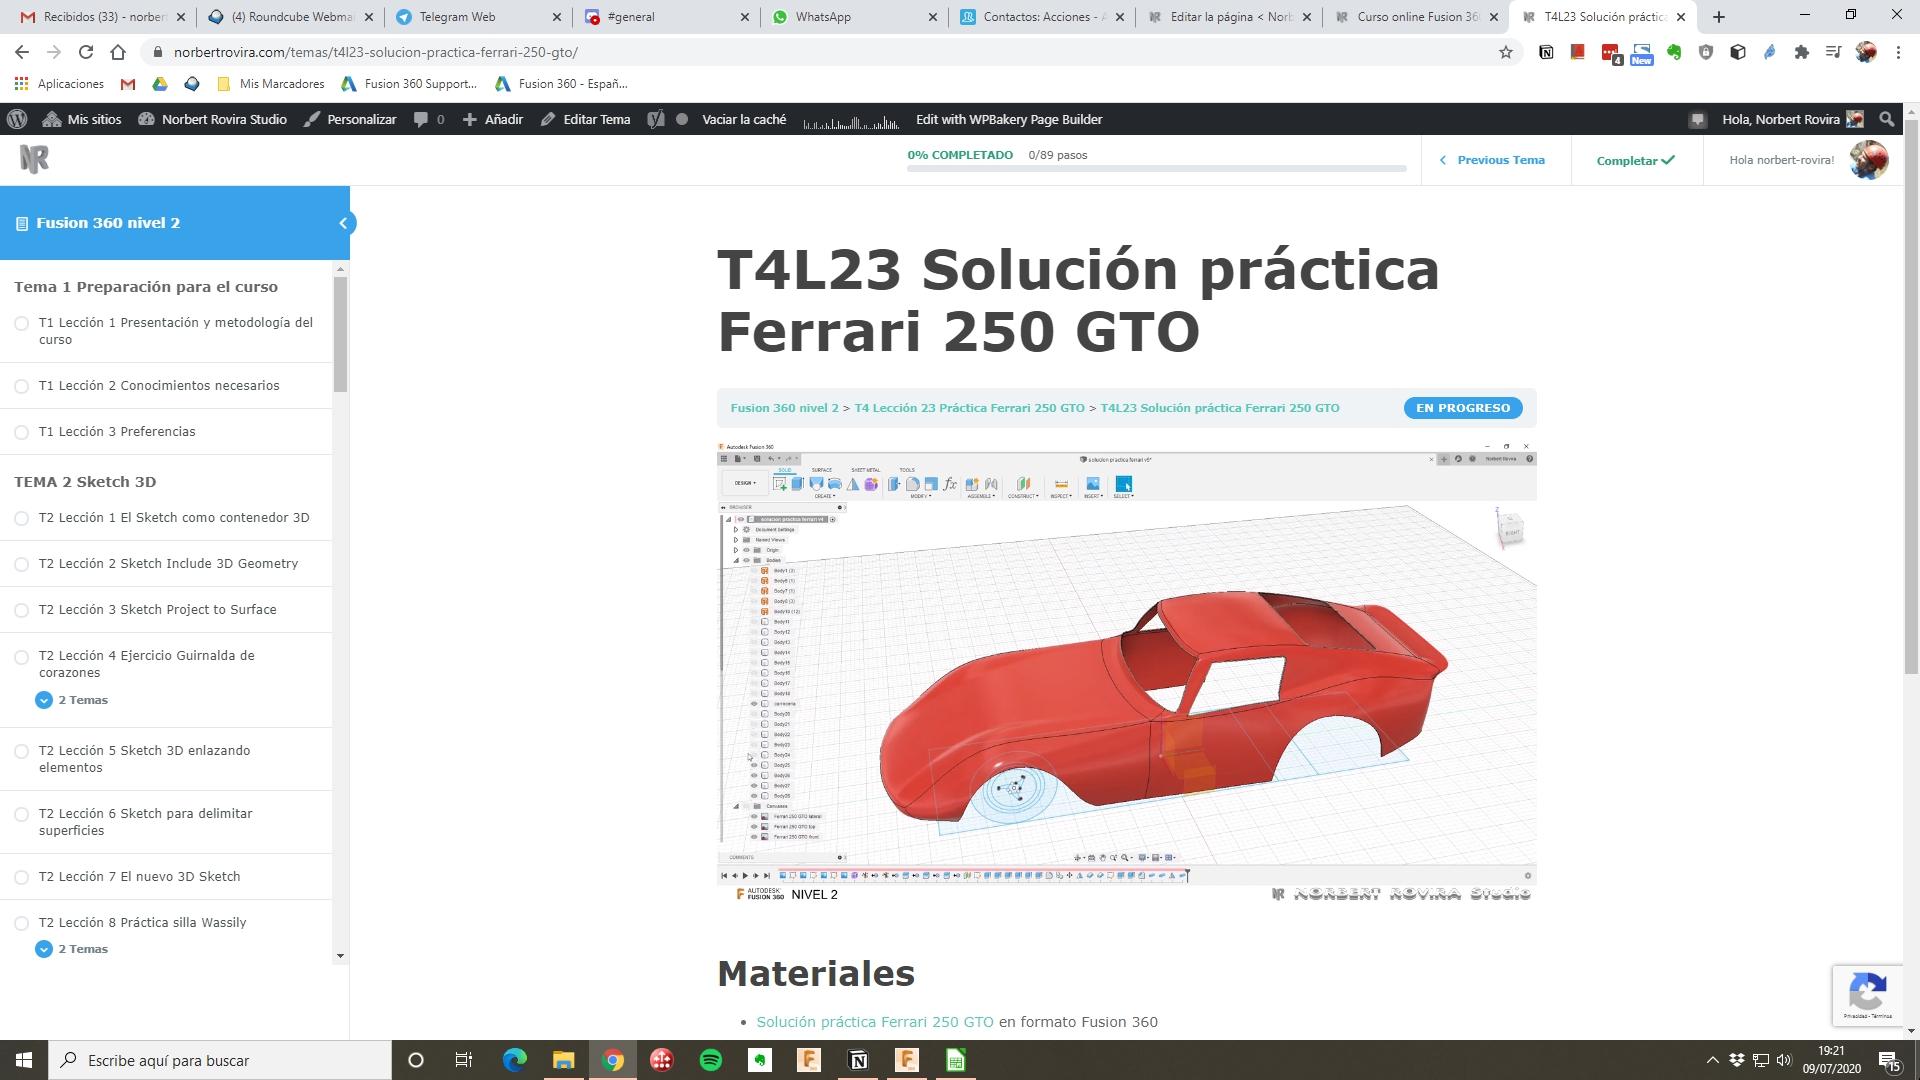 Lección Ferrari 250 GTO screenshot Fusion 360